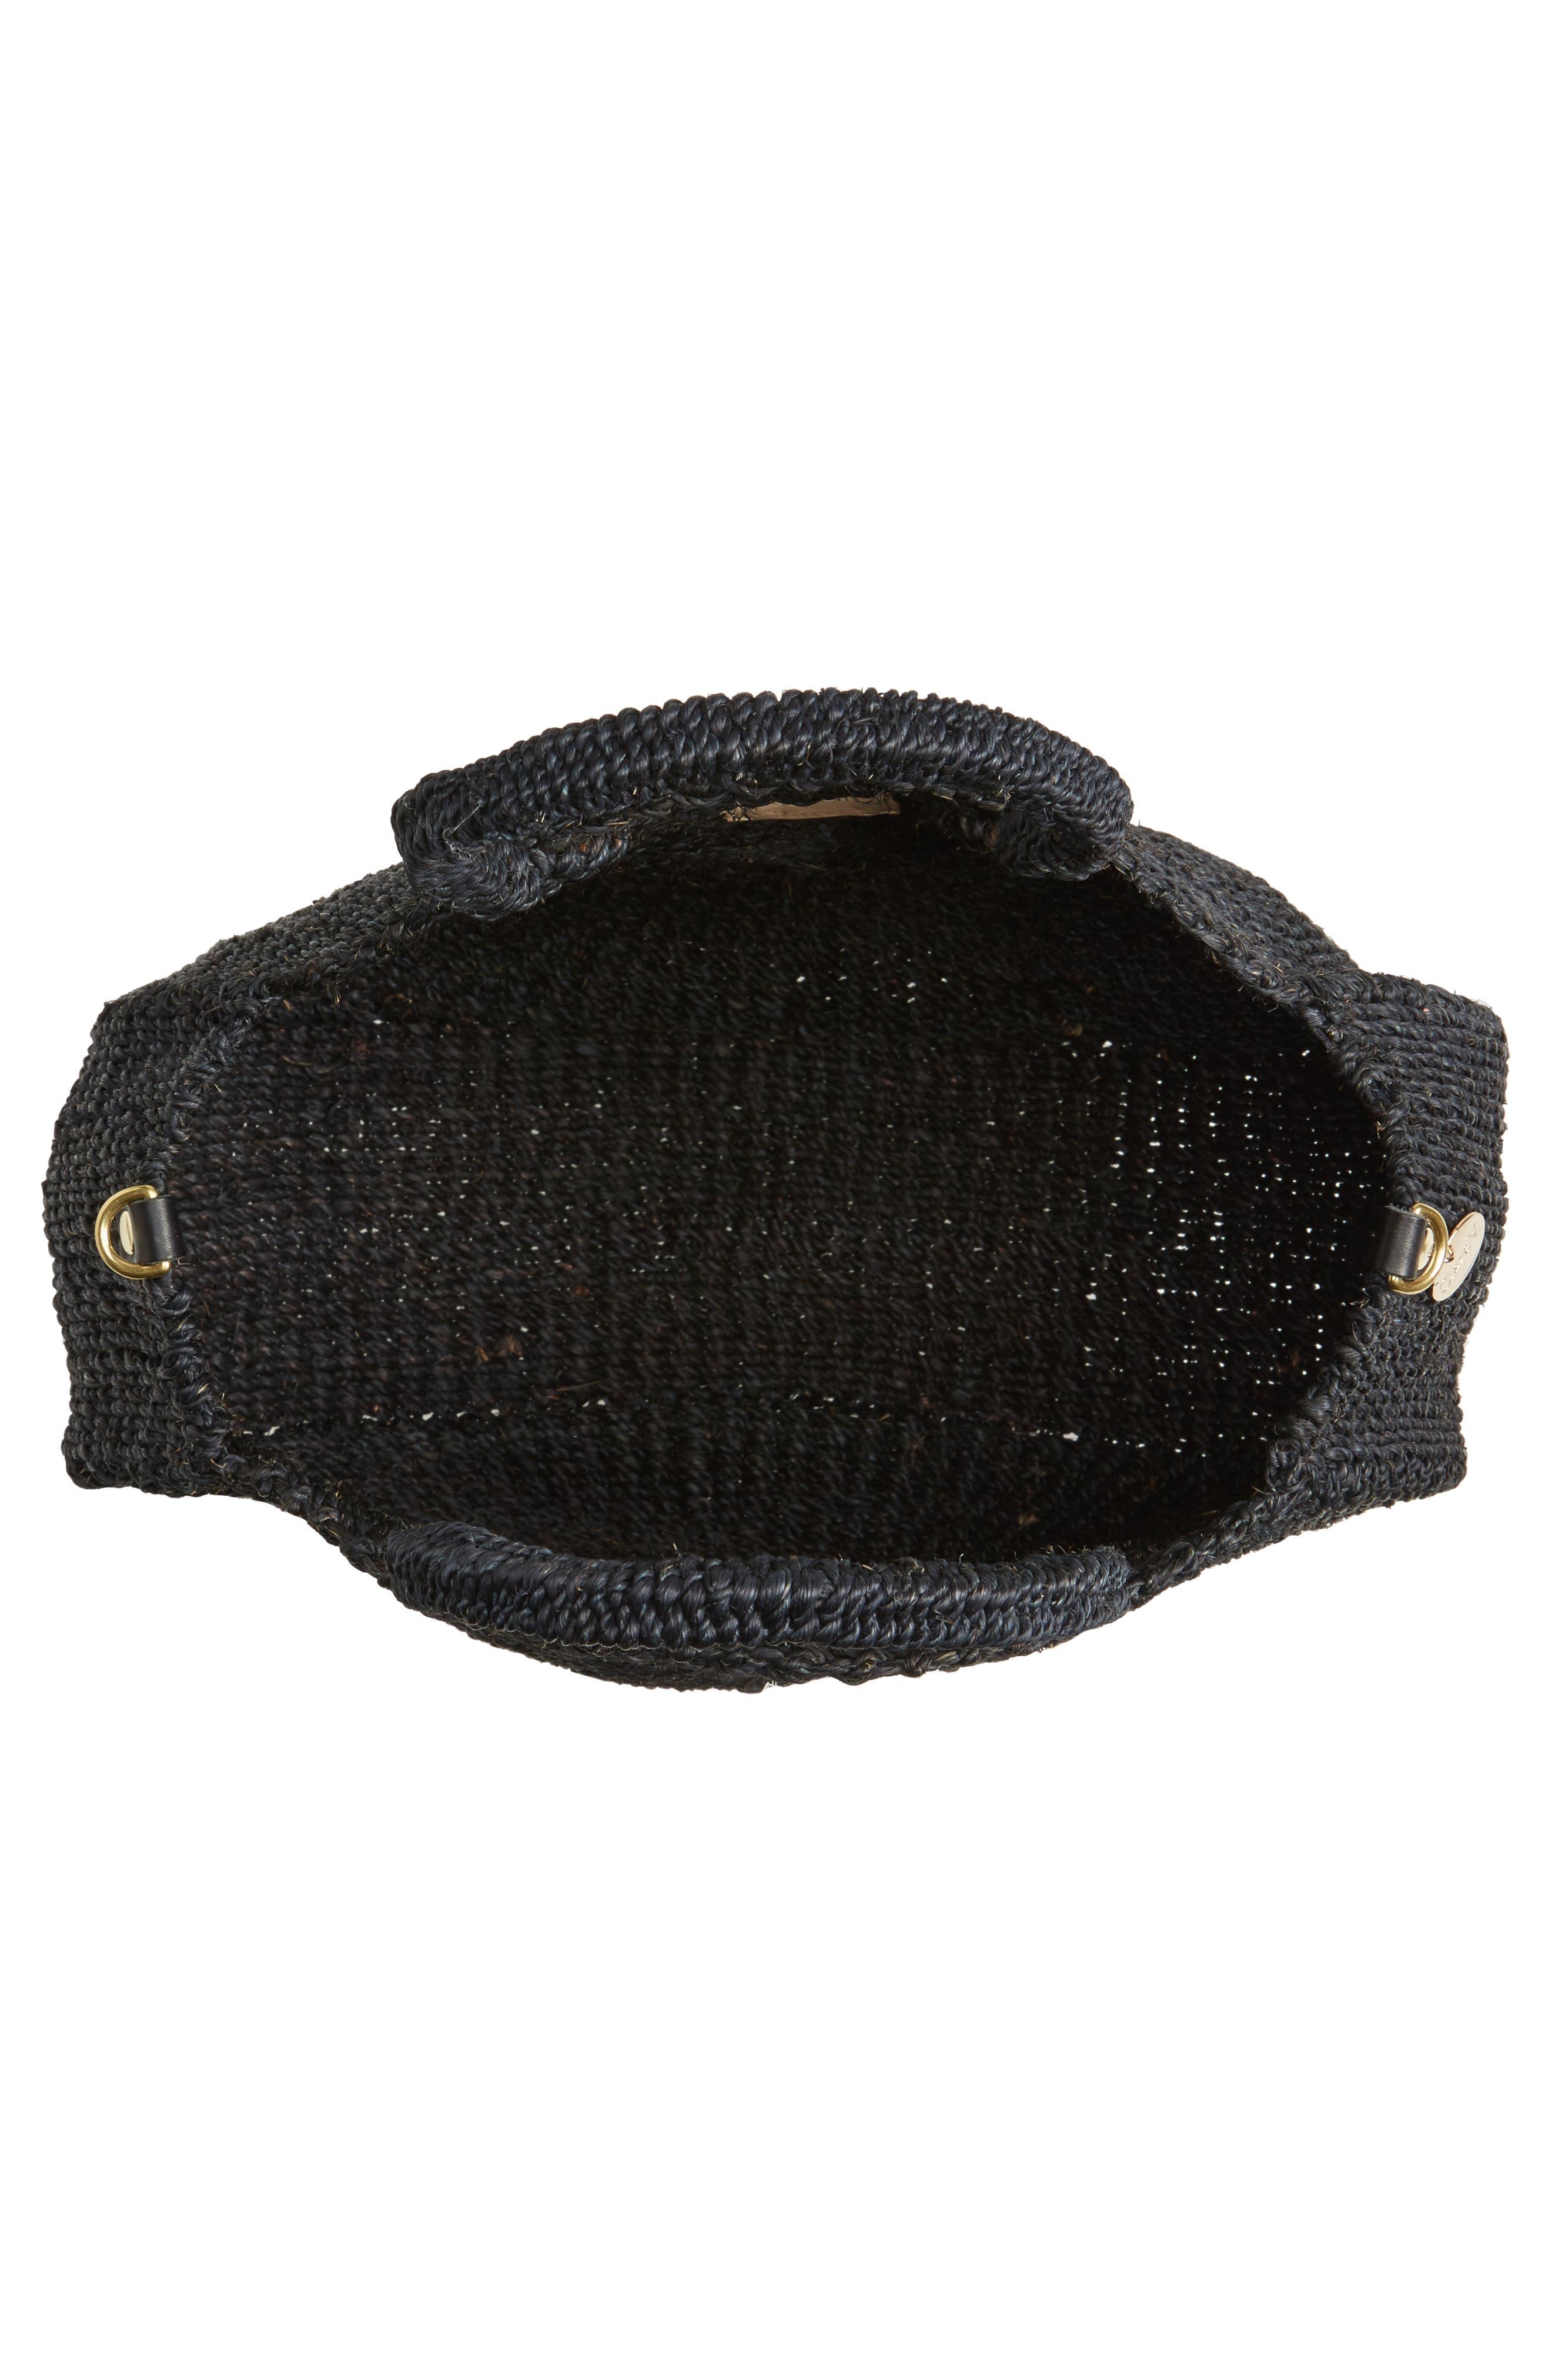 Alice Woven Sisal Straw Bag,                             Alternate thumbnail 4, color,                             BLACK WOVEN